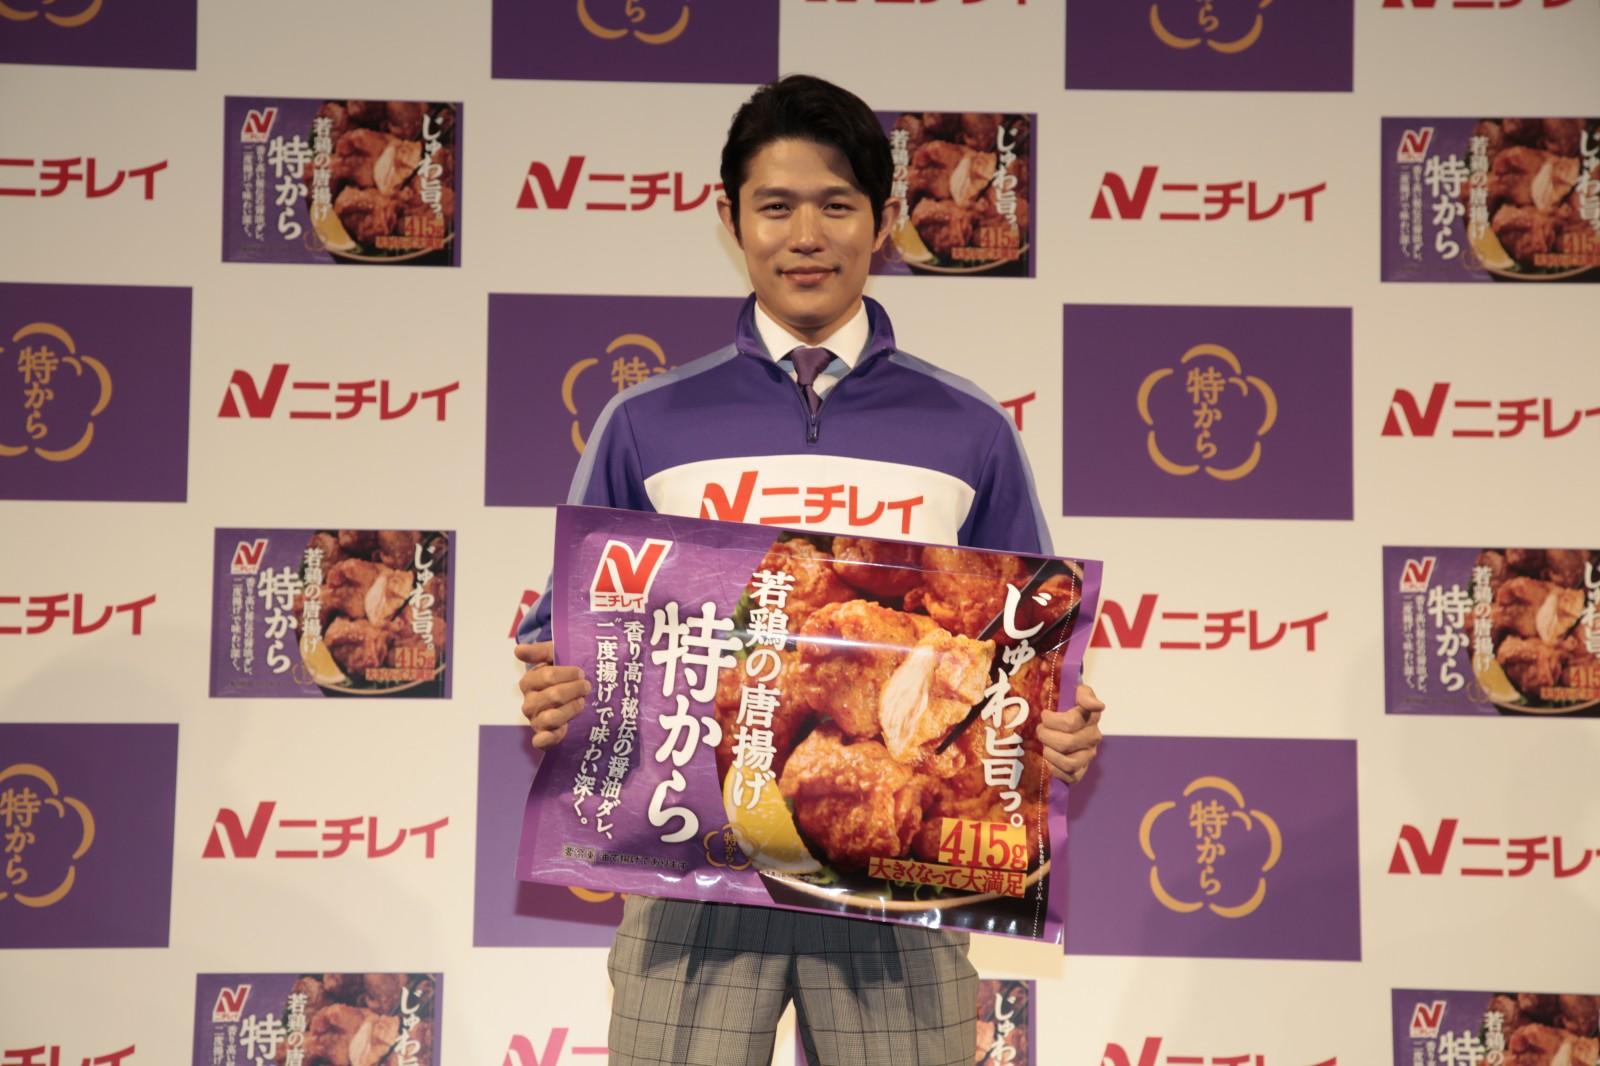 ジャージ姿の熱血『特から先生』、鈴木亮平さんが「特から」(ニチレイ)を食べる